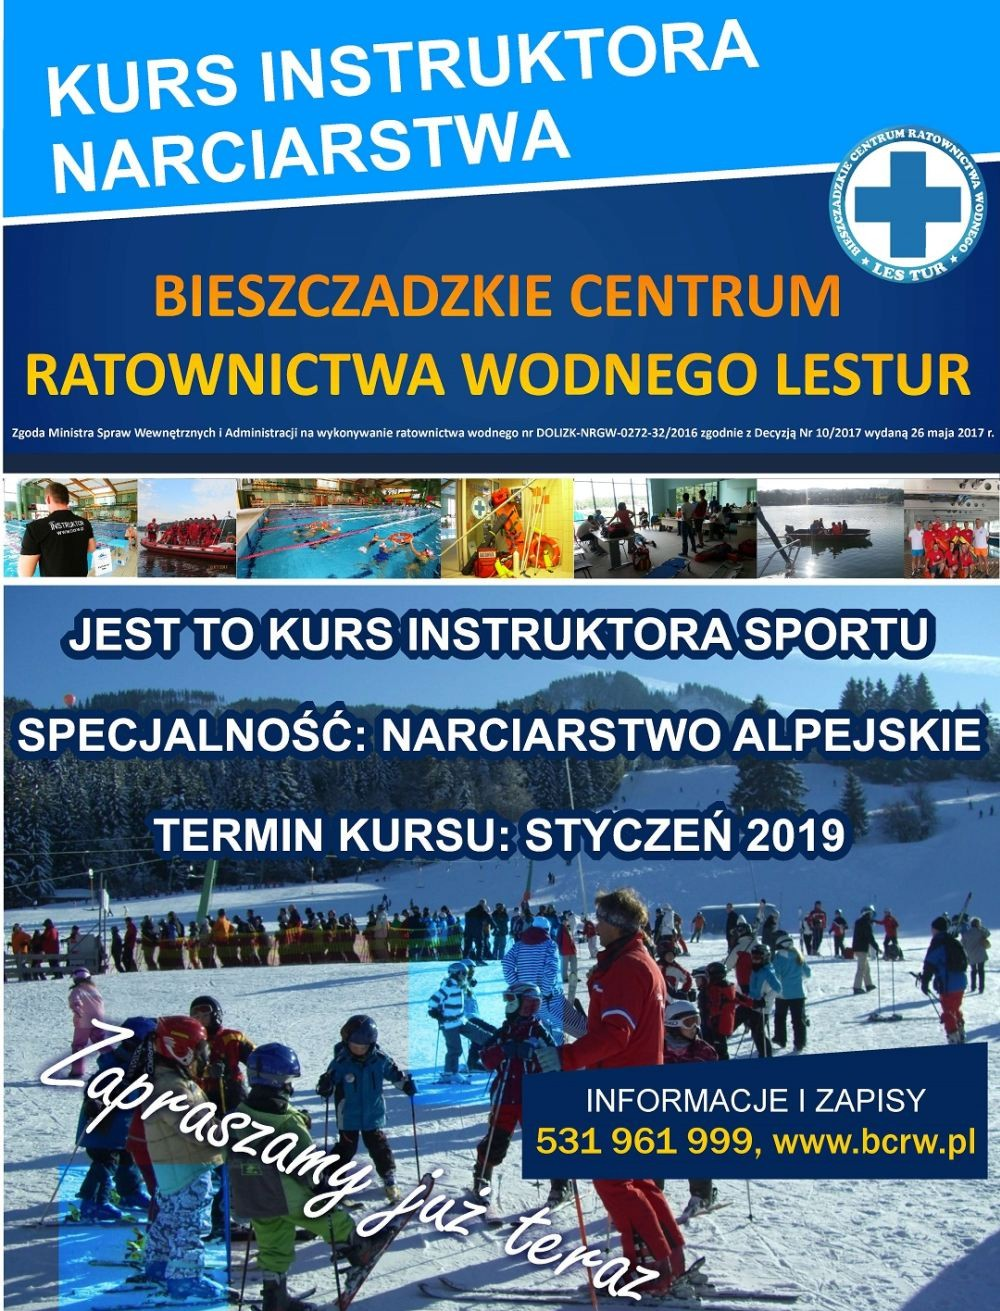 SZKOLENIA – INSTRUKTORA NARCIARSTWA, SNOWBOARDU ORAZ RATOWNICTWA WODNEGO